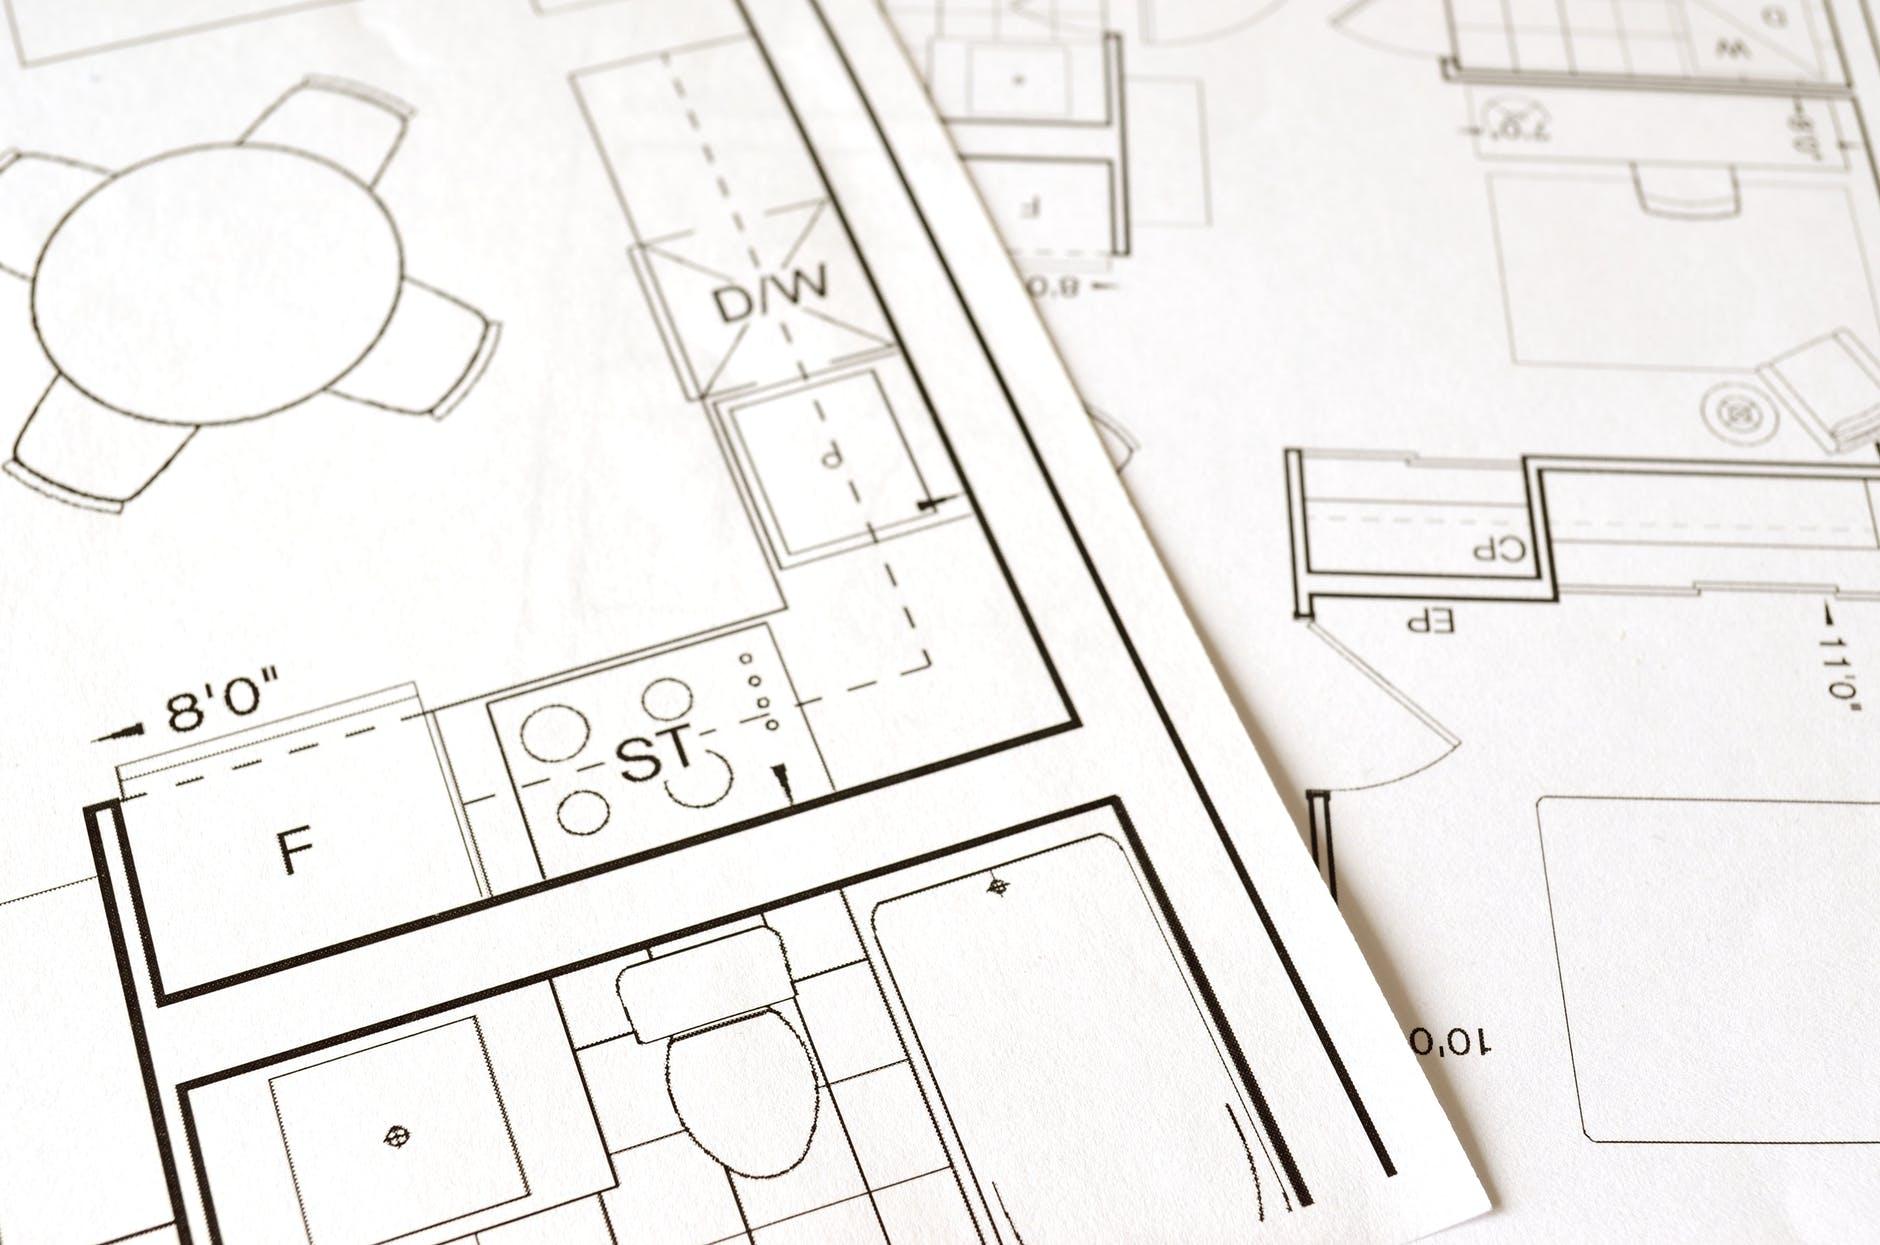 Mimari Tasarımın Deprem Dayanımına Etkisi